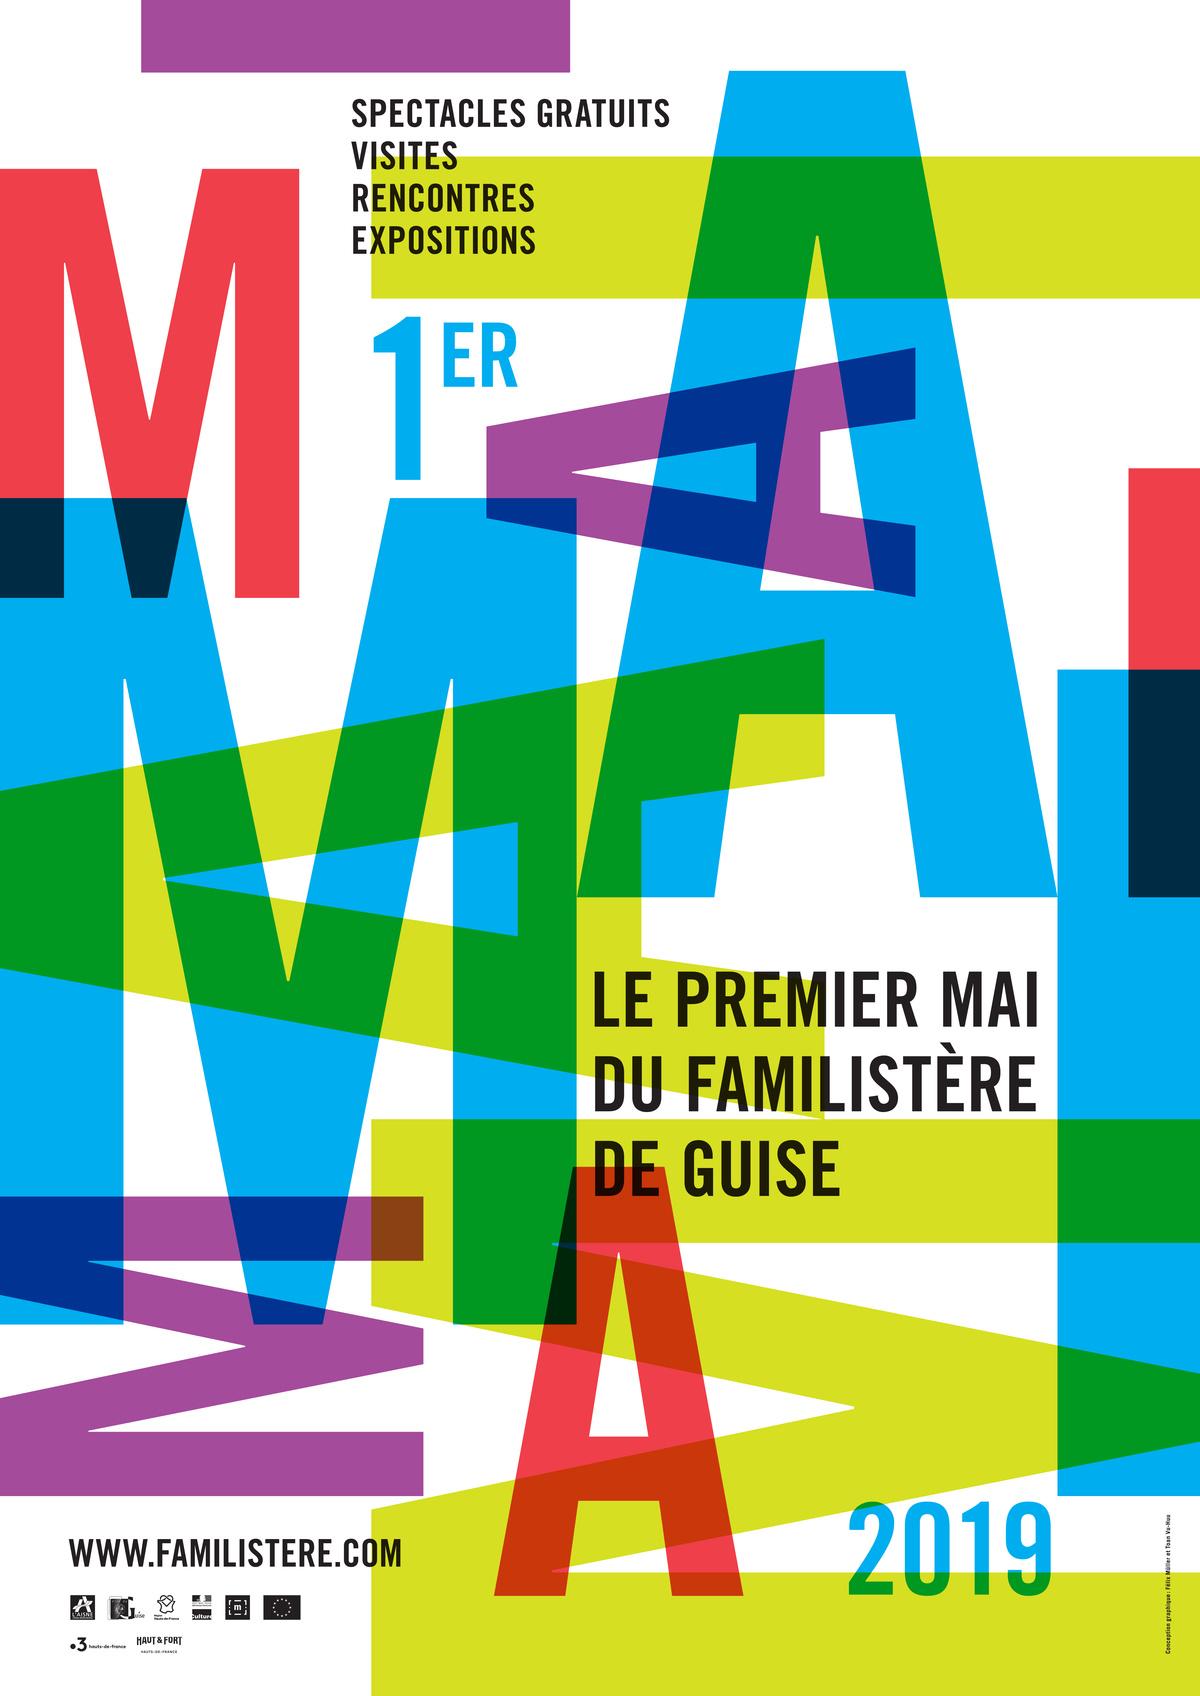 Affiche du Premier Mai 2019 Jeux typographyques aux couleurs vives